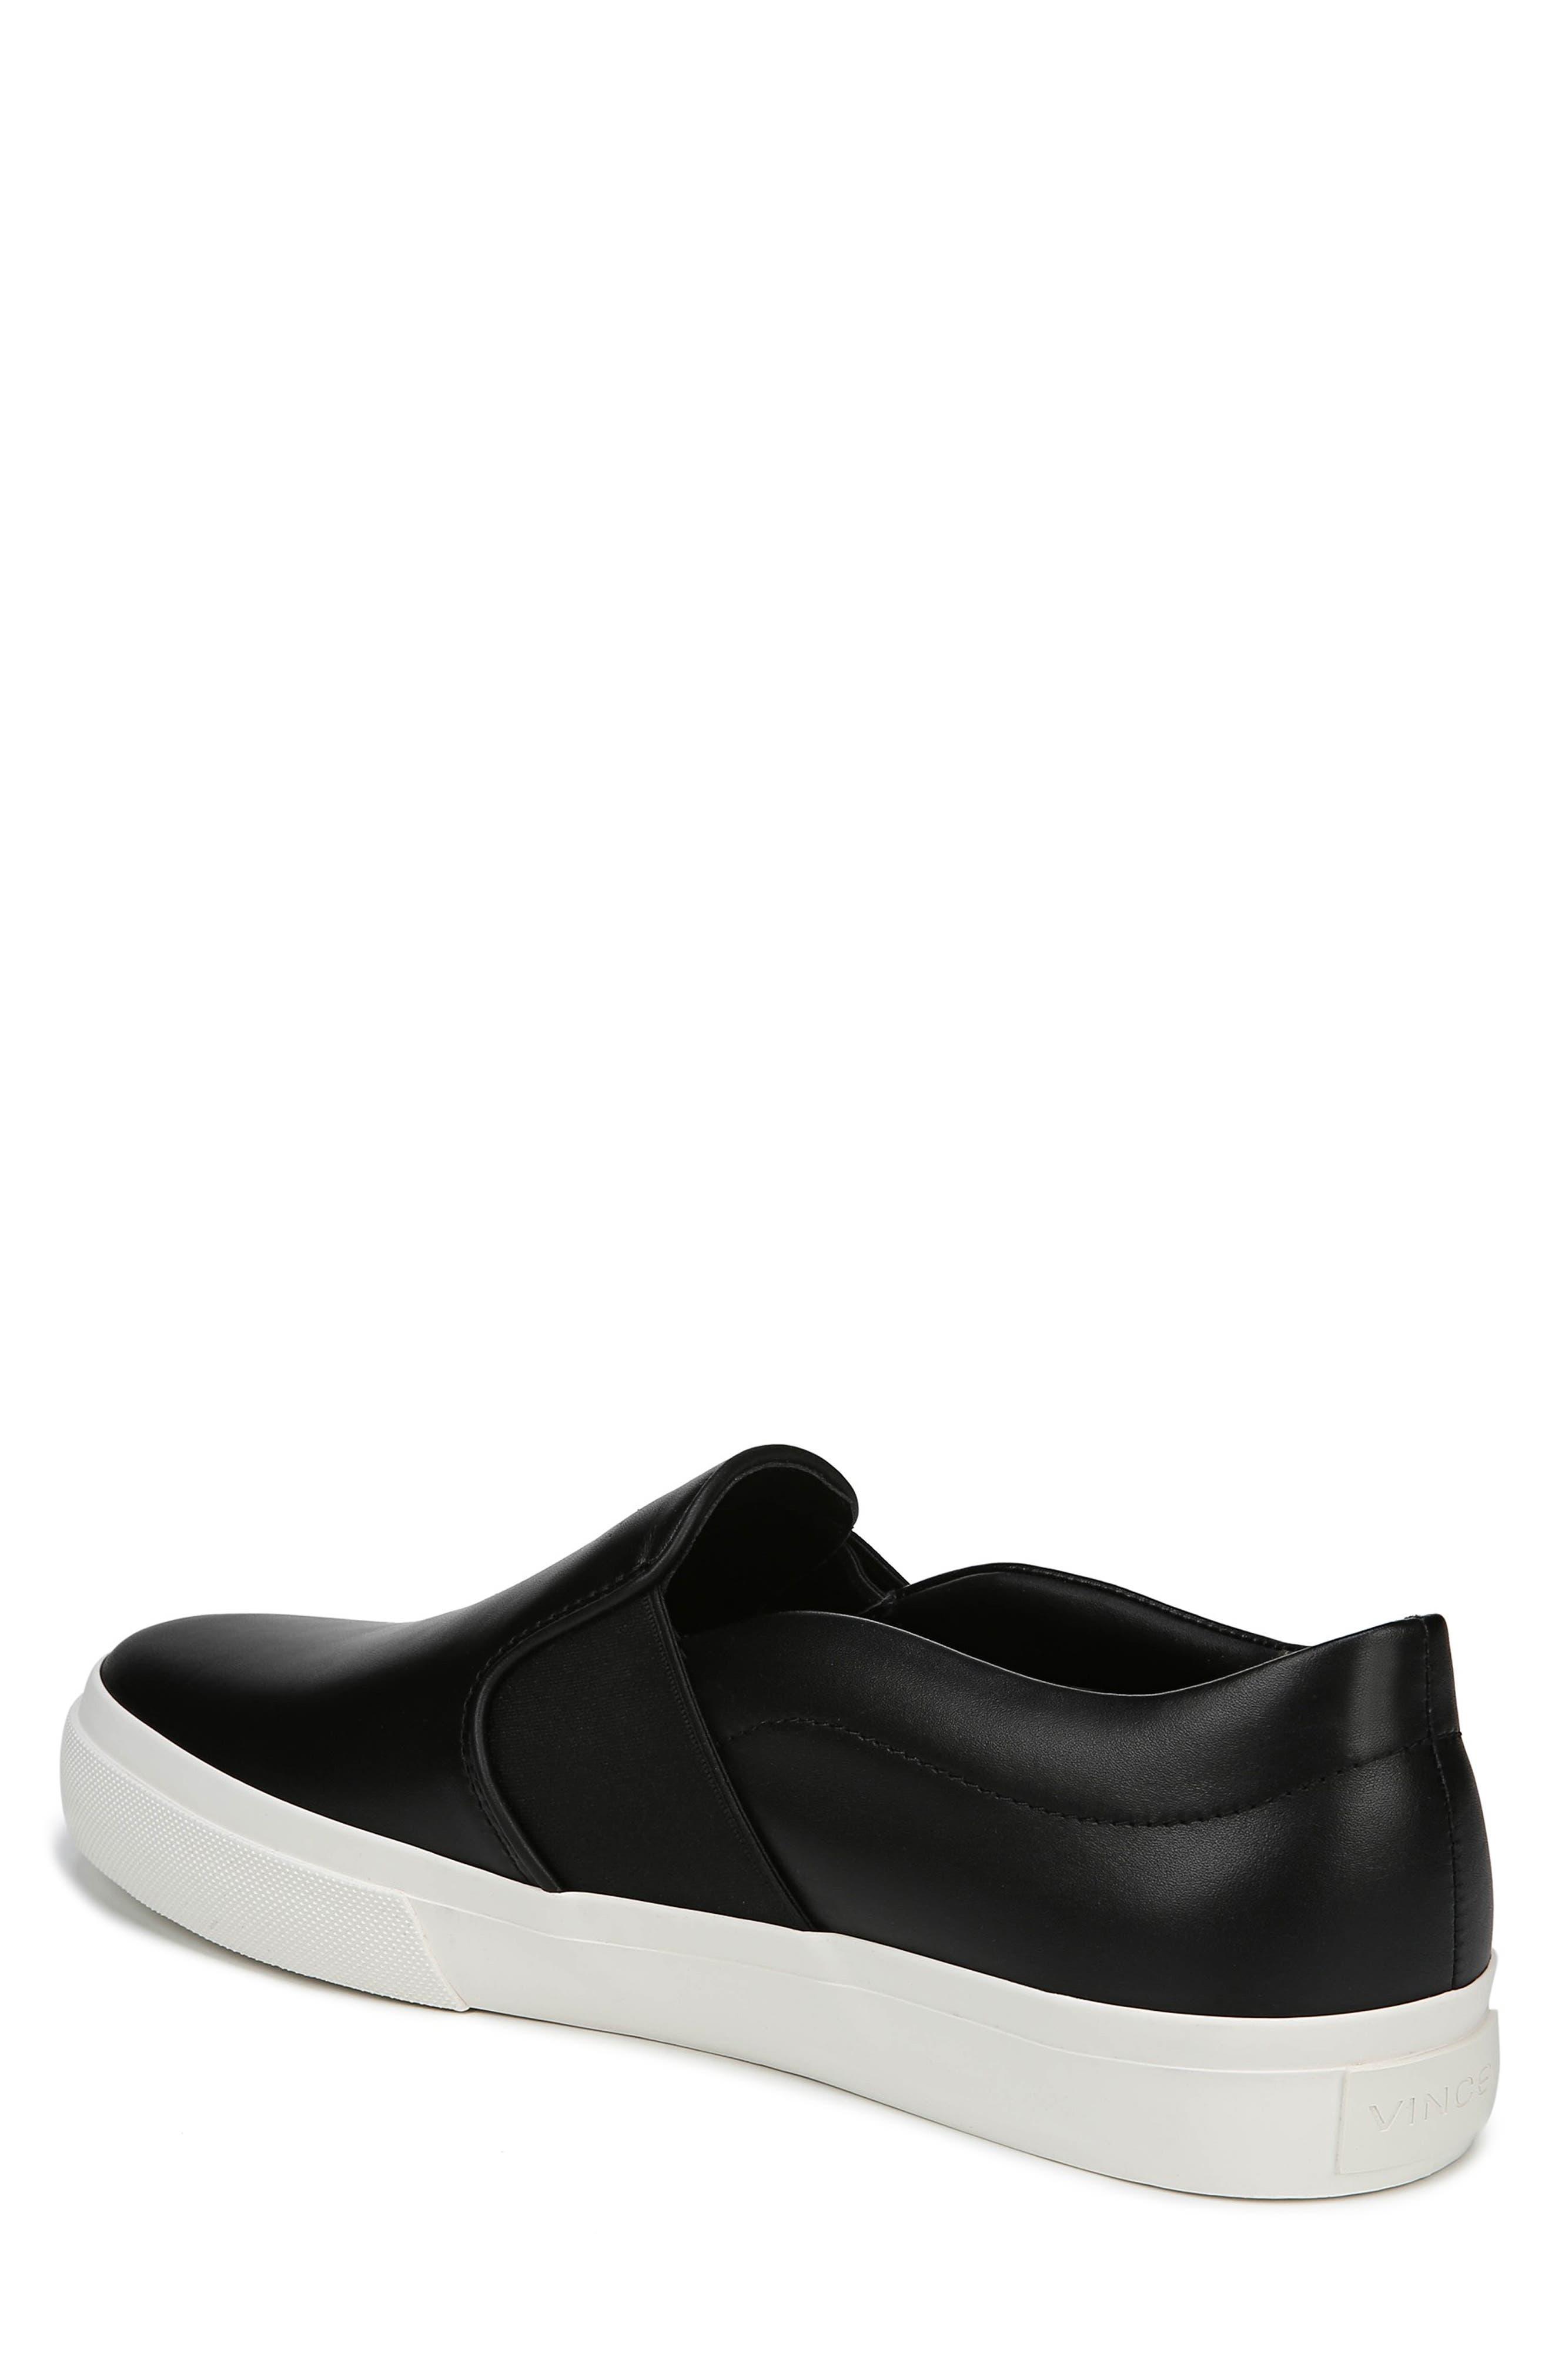 Fenton Slip-On  Sneaker,                             Alternate thumbnail 2, color,                             BLACK/ BLACK